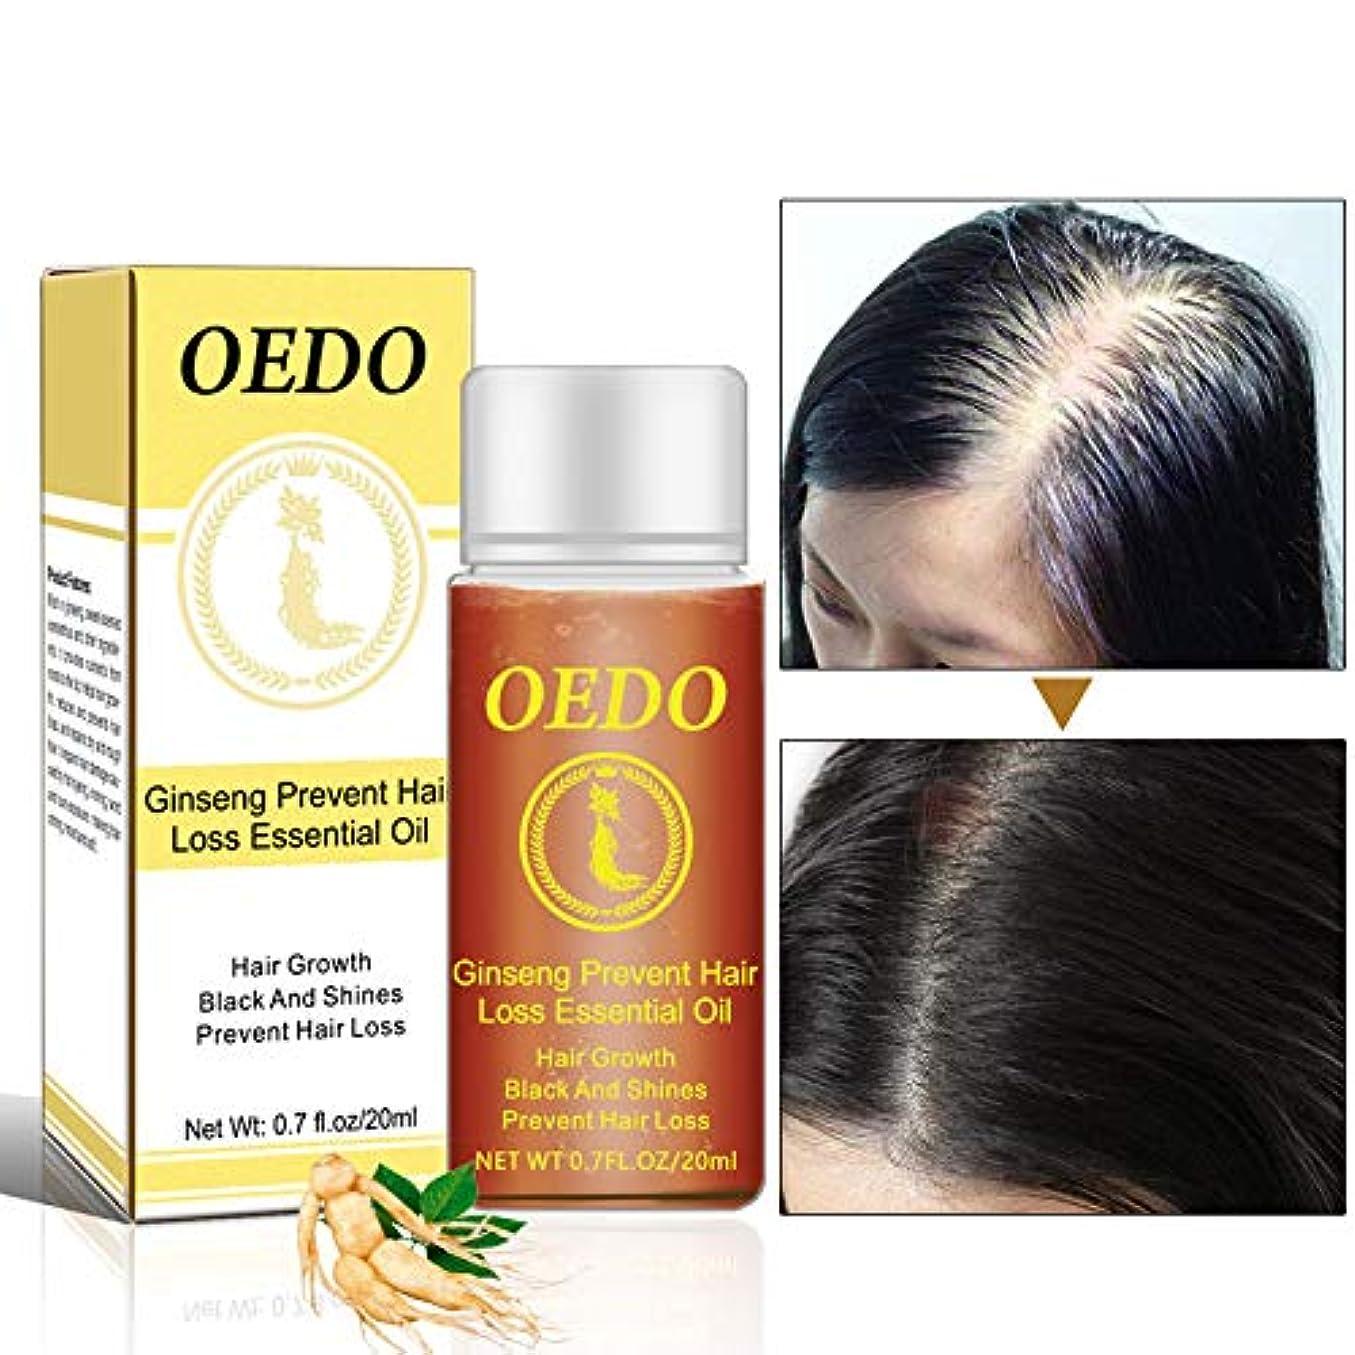 繊細テスト前投薬Symboat ヘアケアエッセンシャルオイル エッセンス栄養 修復 20ml 防止脱毛 脱毛防止 天然オイル 保湿と乾燥した 傷んだ髪 修復